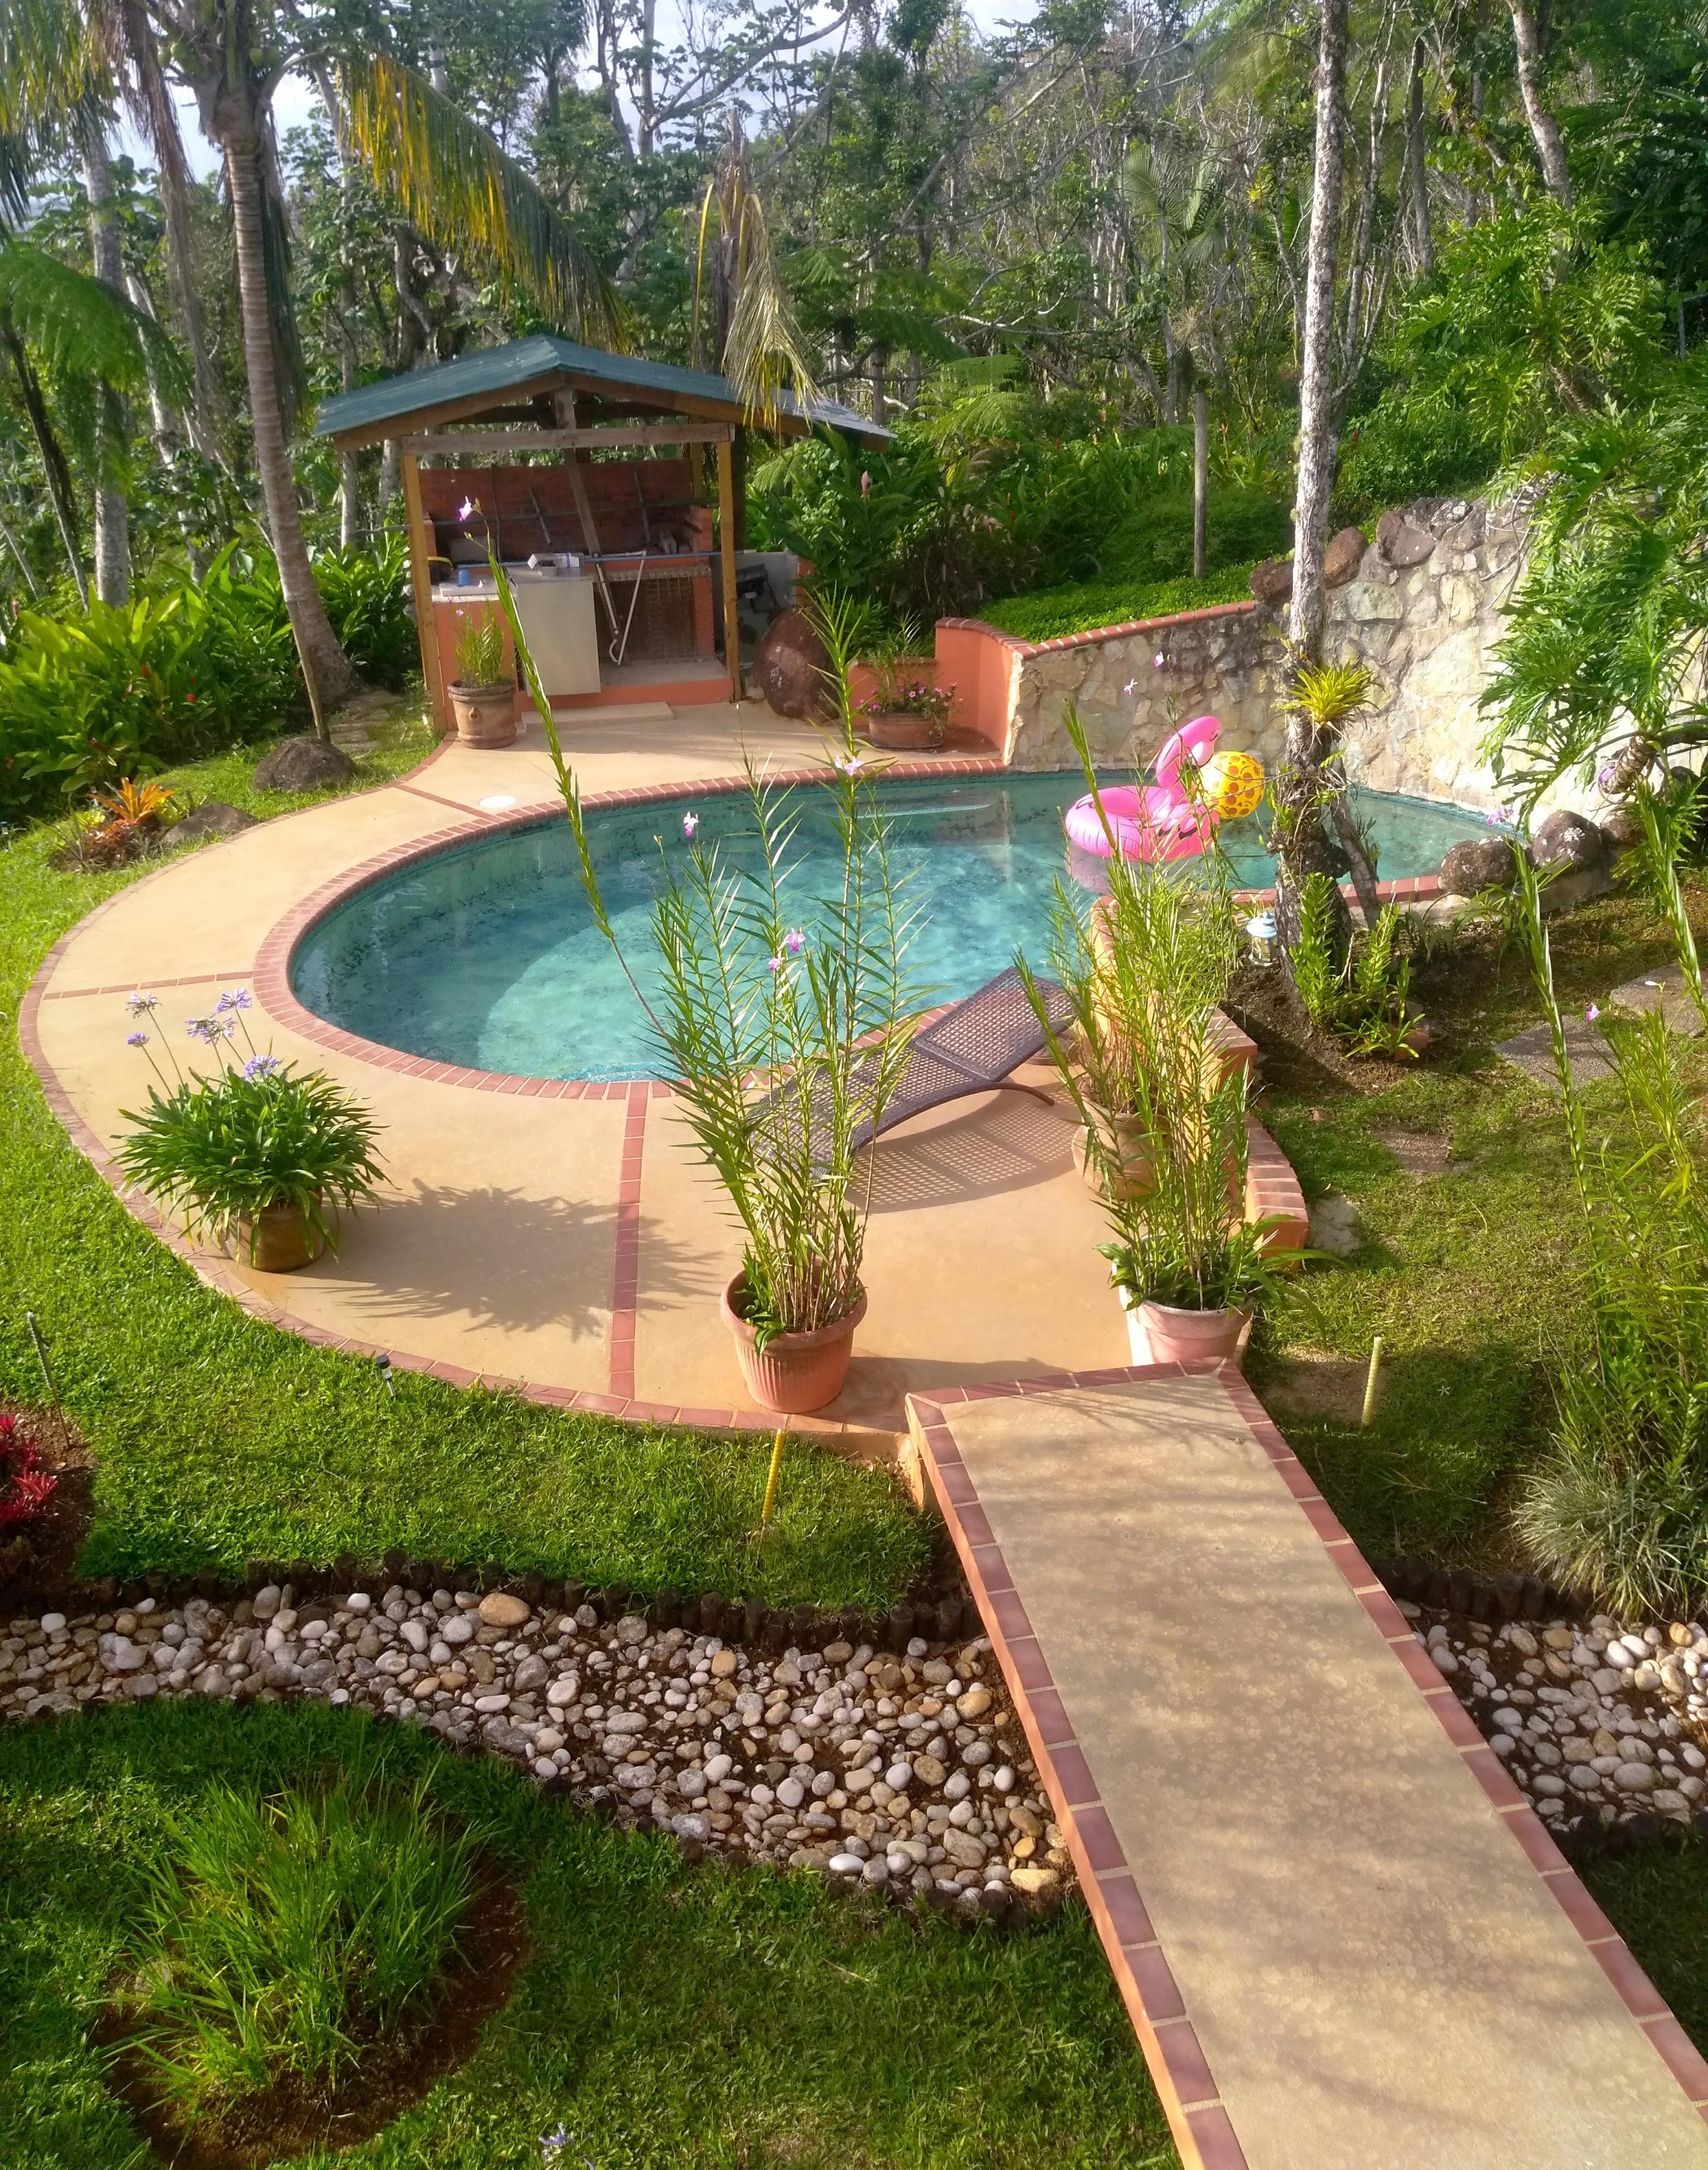 Free Images Rocks Plants Grass Brick Bbq Yard Swimming Pool